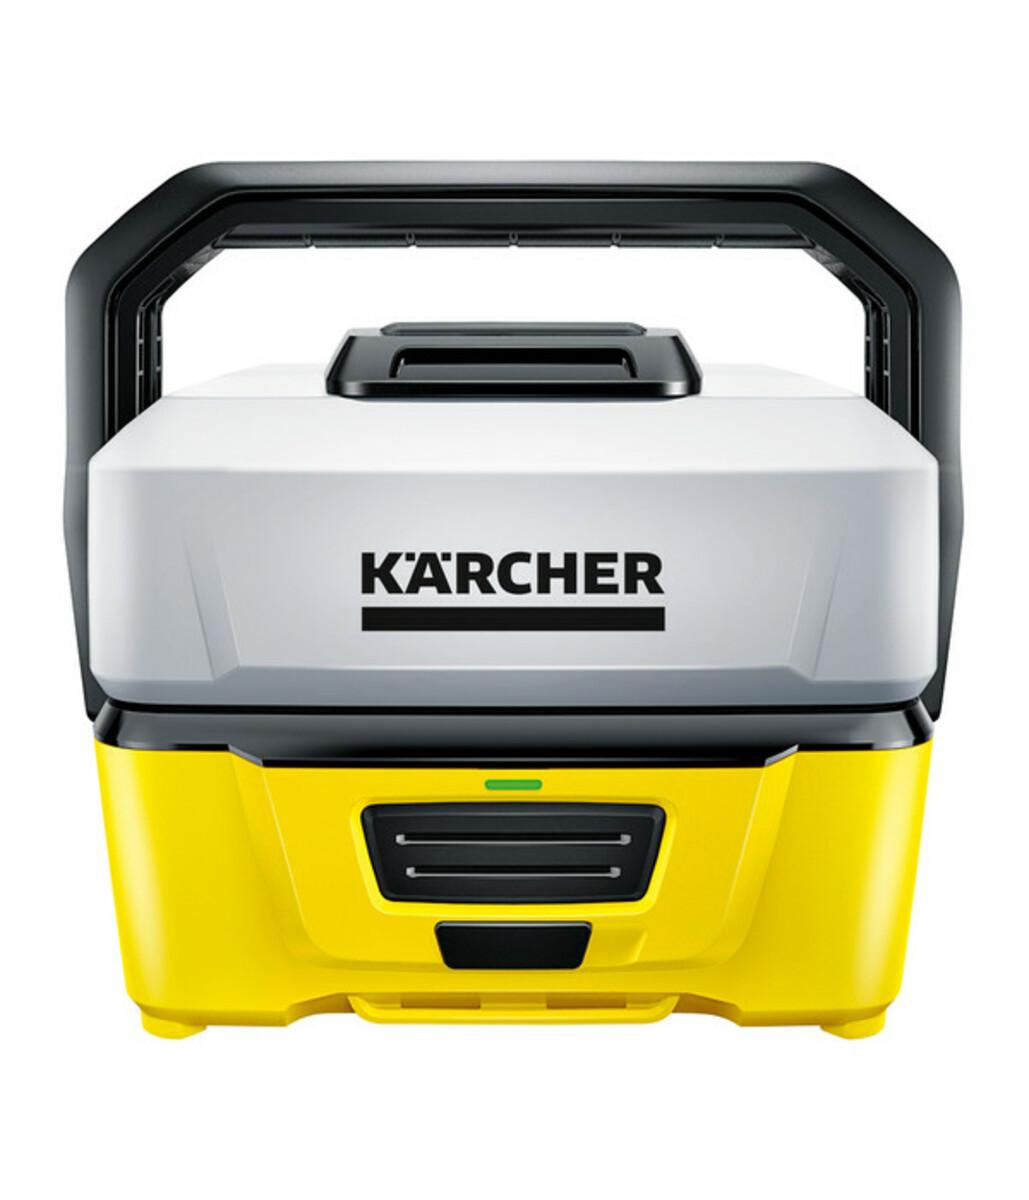 Bild 2 von Kärcher Mobile Outdoor Cleaner OC 3